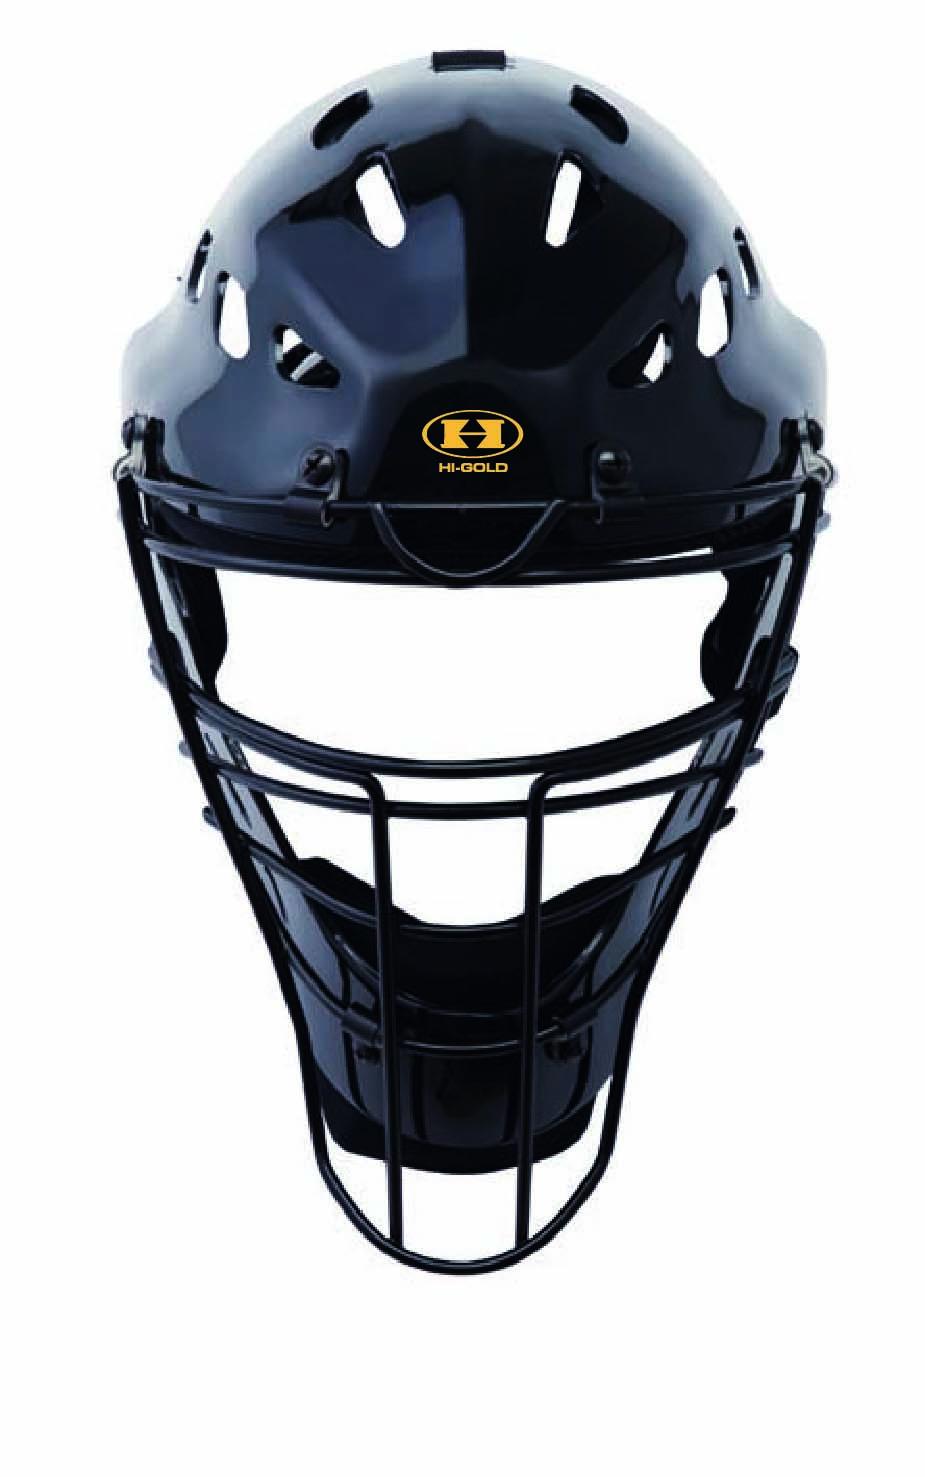 ハイゴールド(Hi-GOLD) 審判ヘルメットマスク CH-1000-N